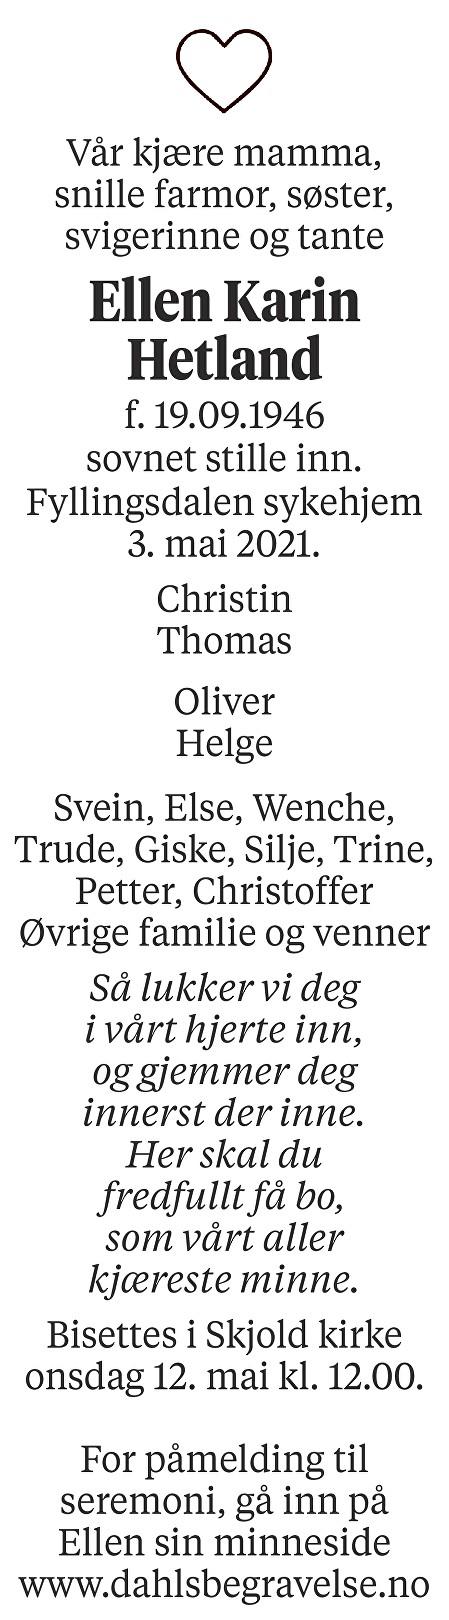 Ellen Karin Hetland Dødsannonse